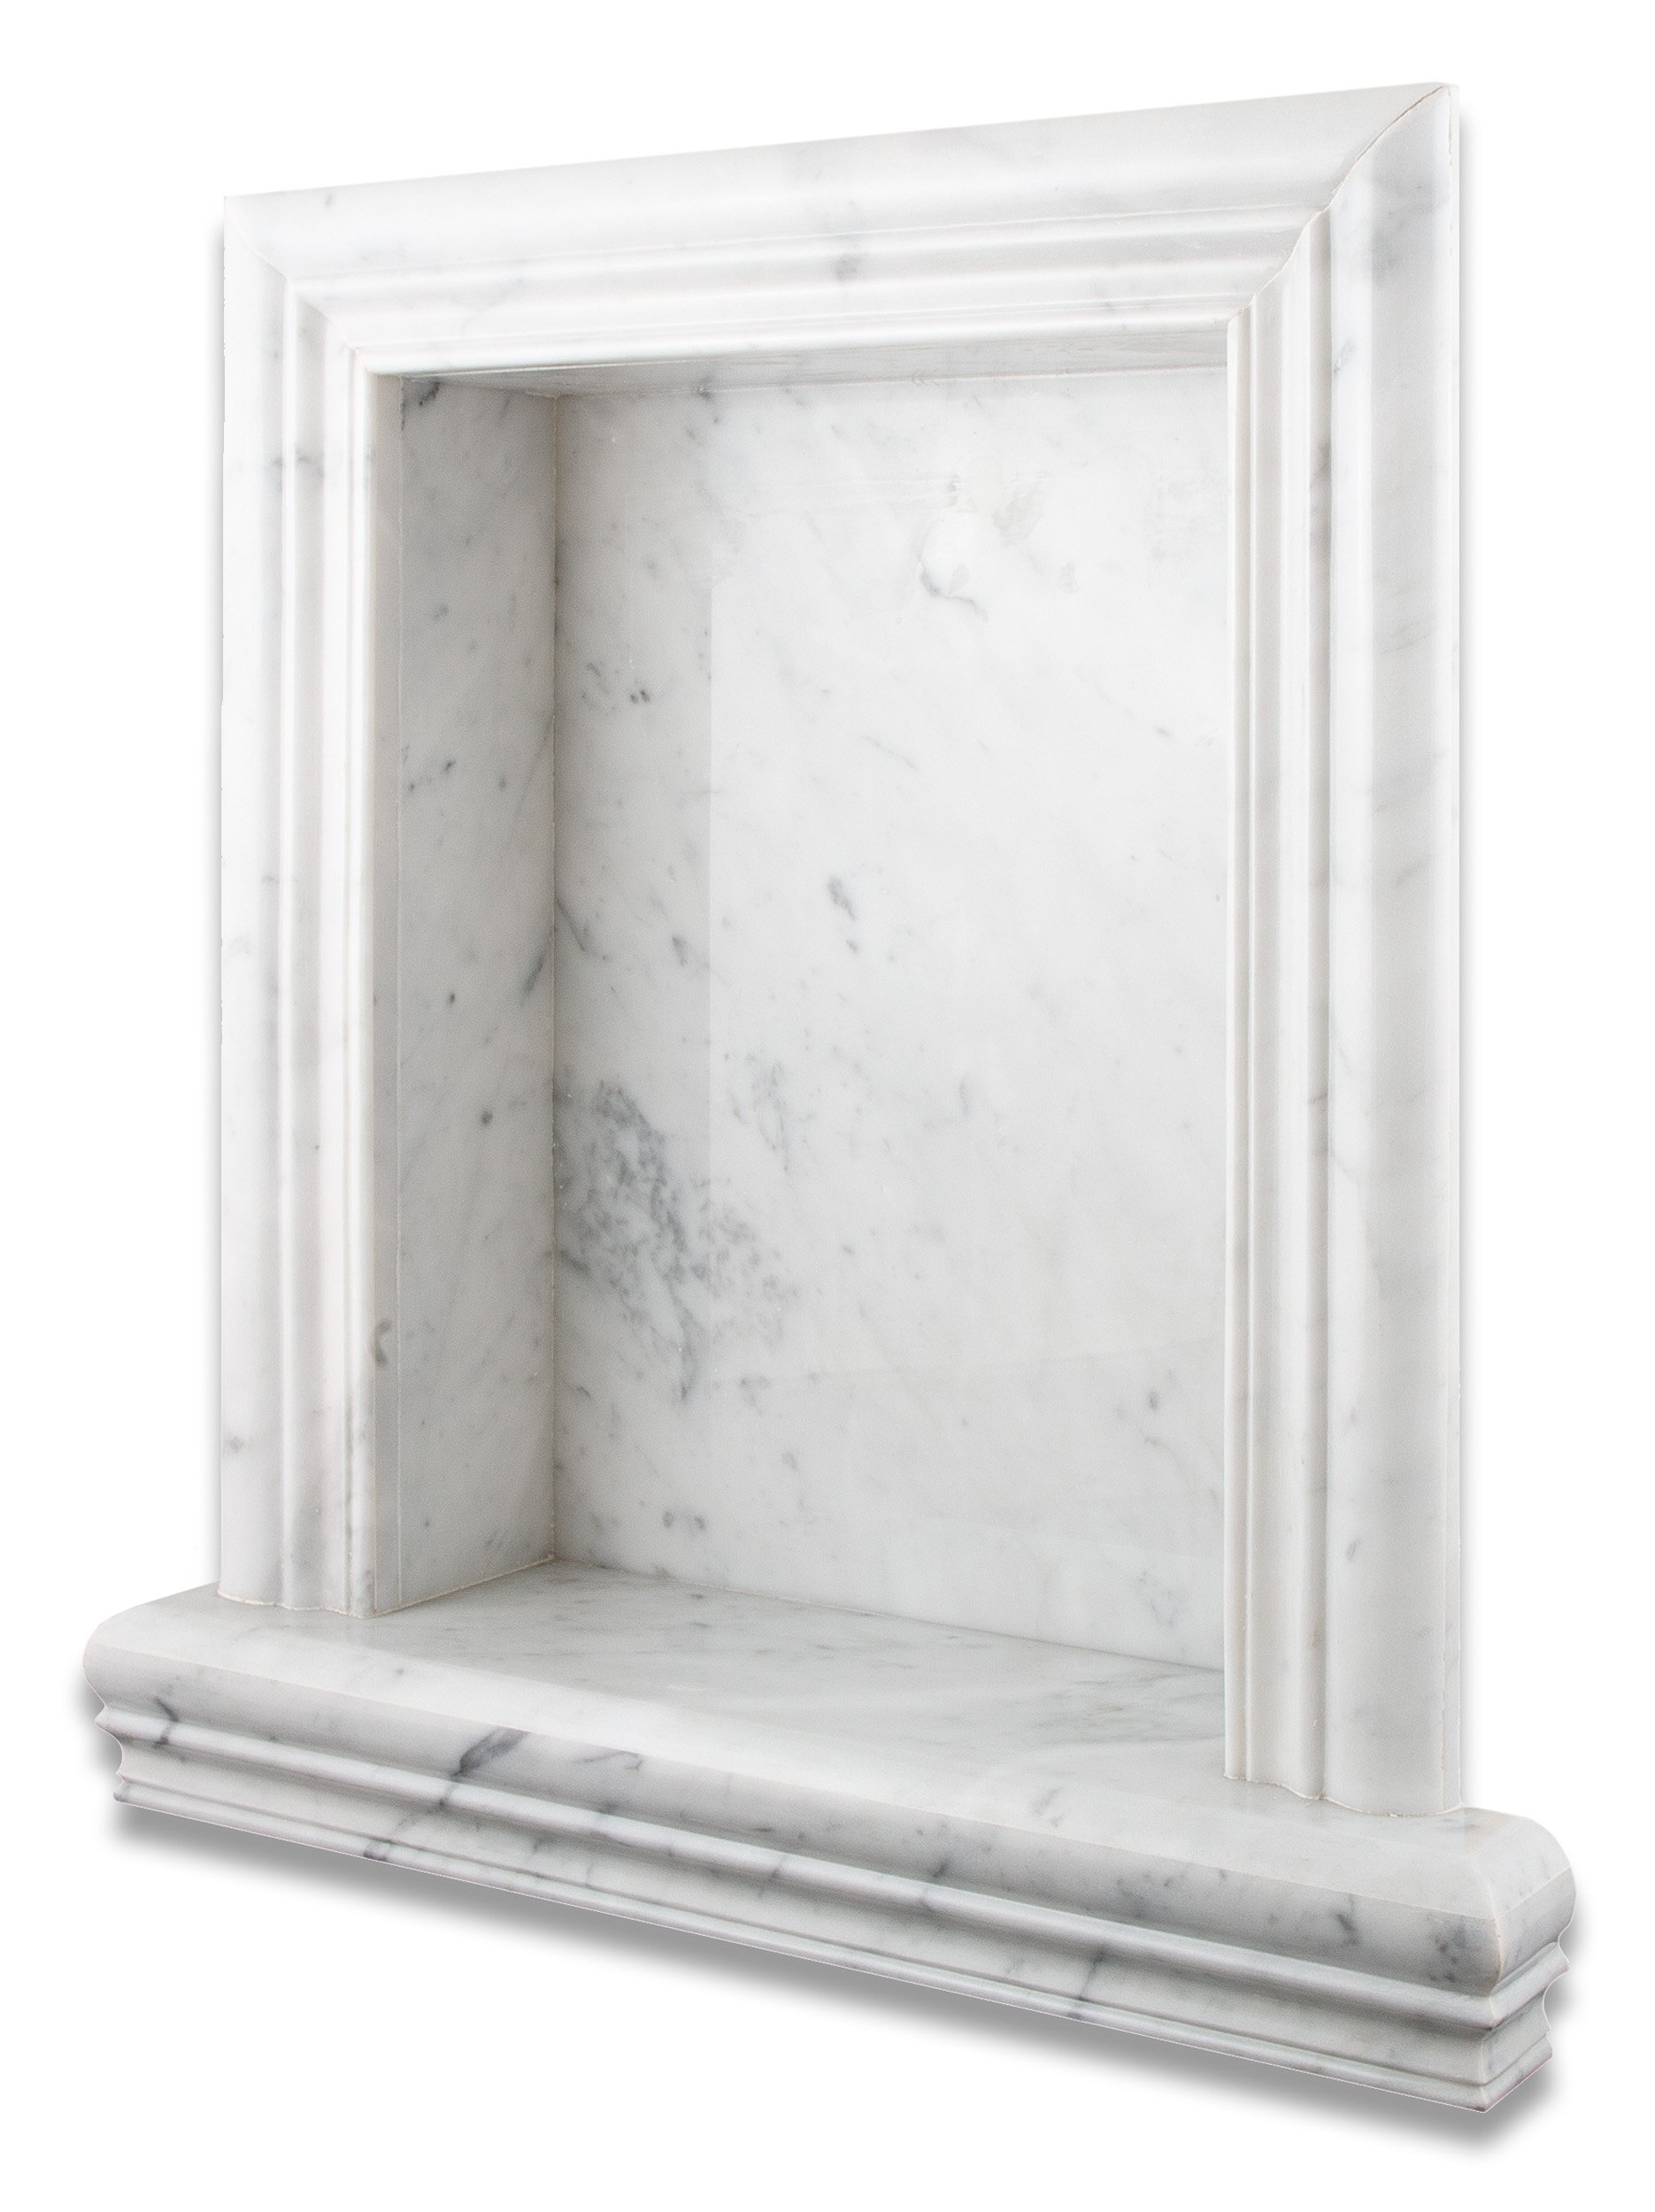 Italian Carrara White Marble Hand-Made Polished Shampoo Niche / Shelf - LARGE